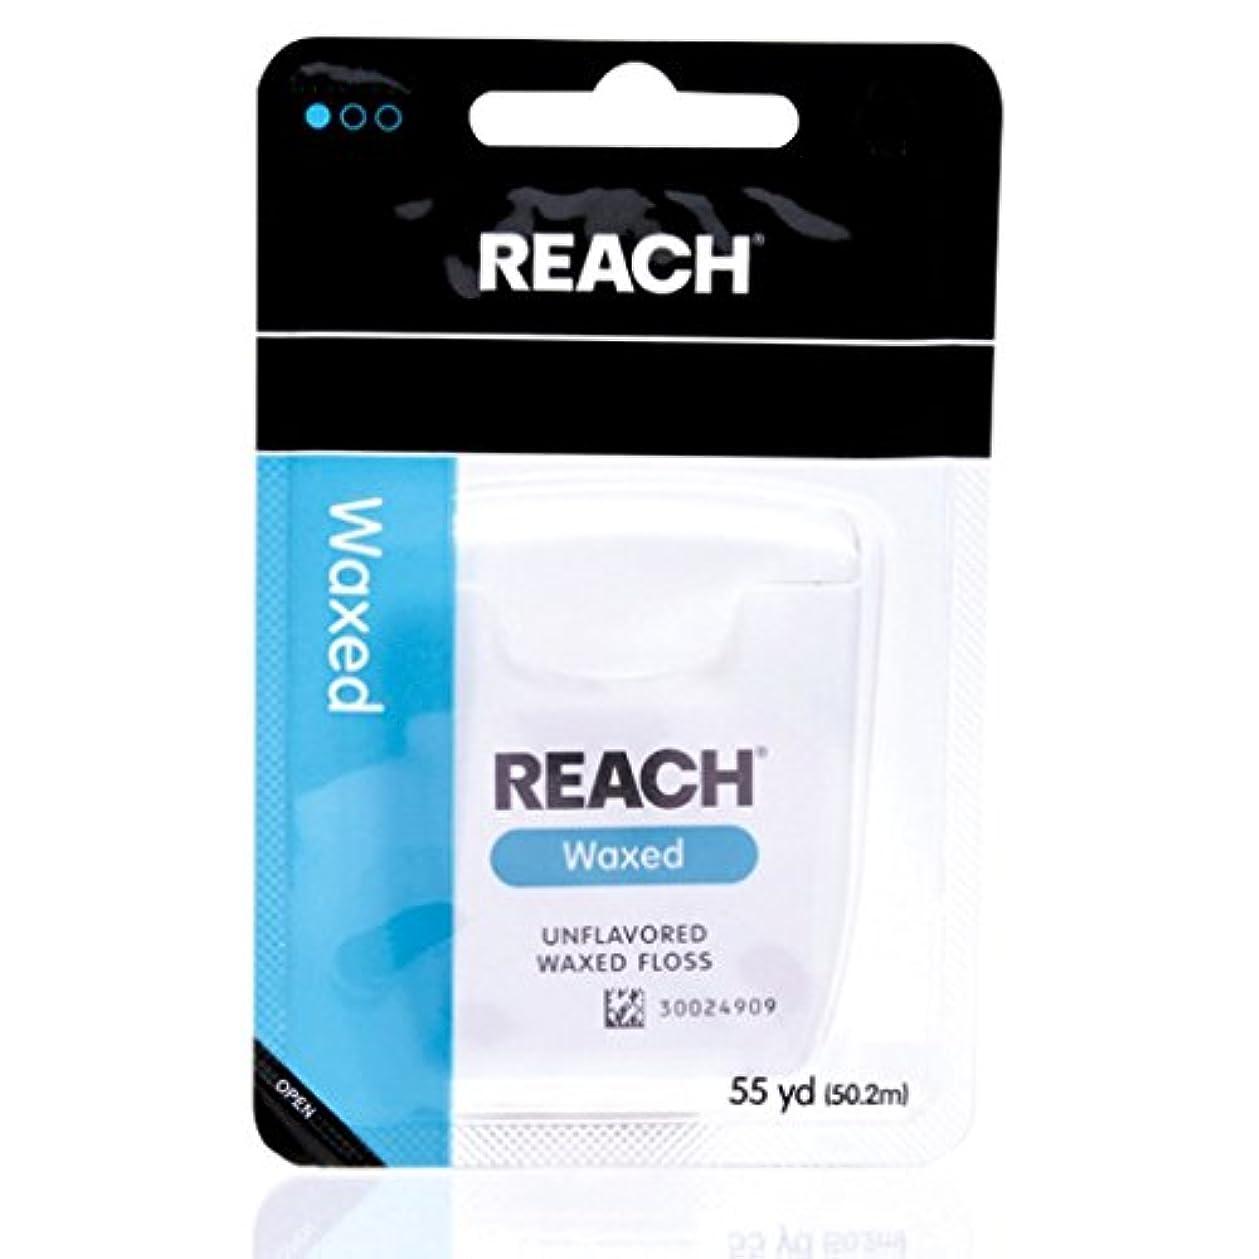 誤解を招く植物学威信REACH リーチ デンタルフロス ワックス Waxed 50M [並行輸入品]